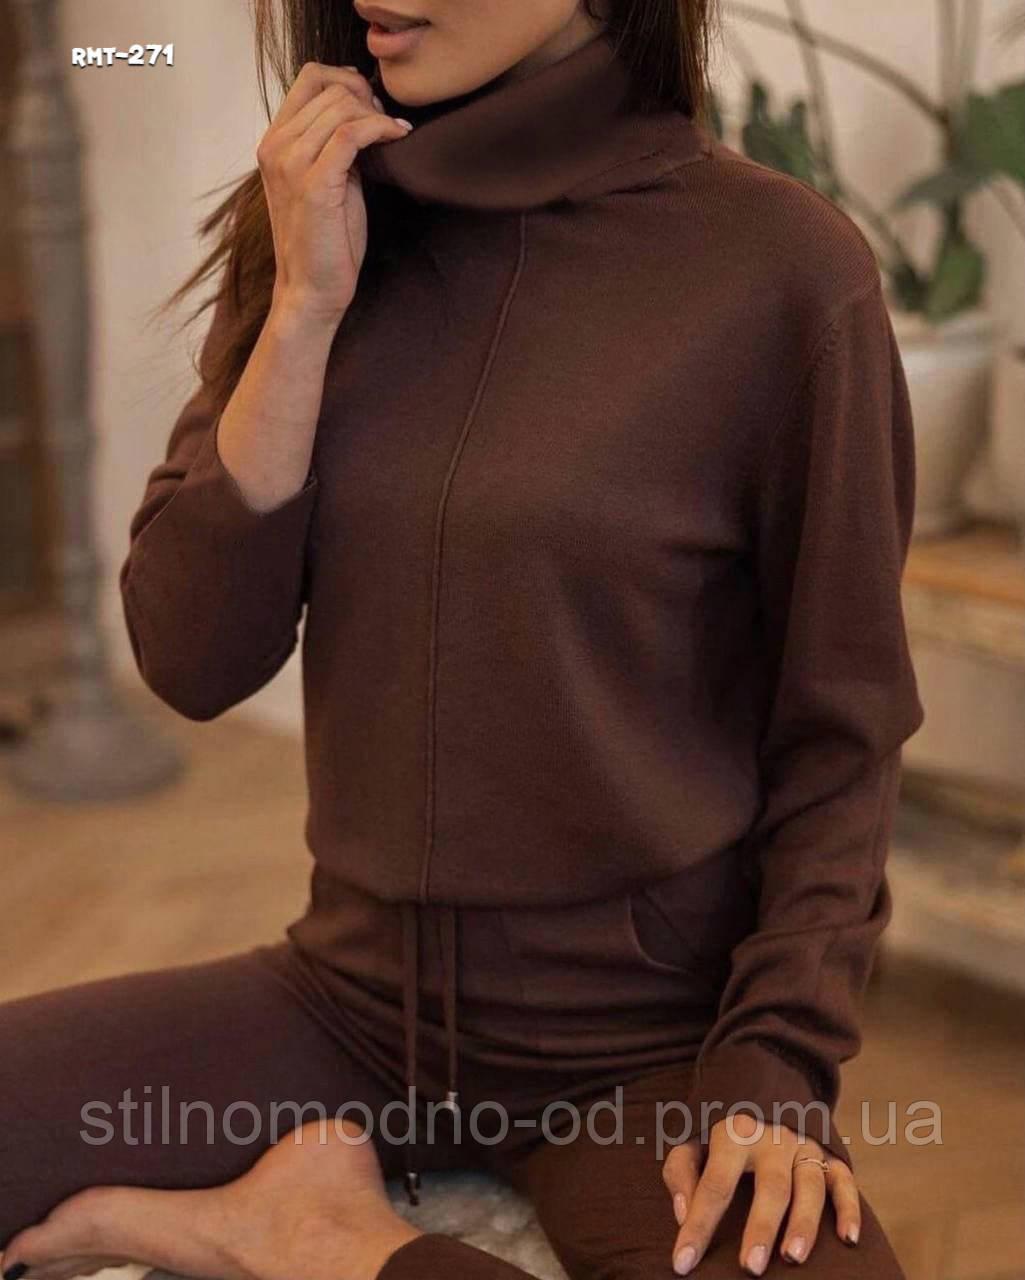 Жіночий костюм від Стильномодно